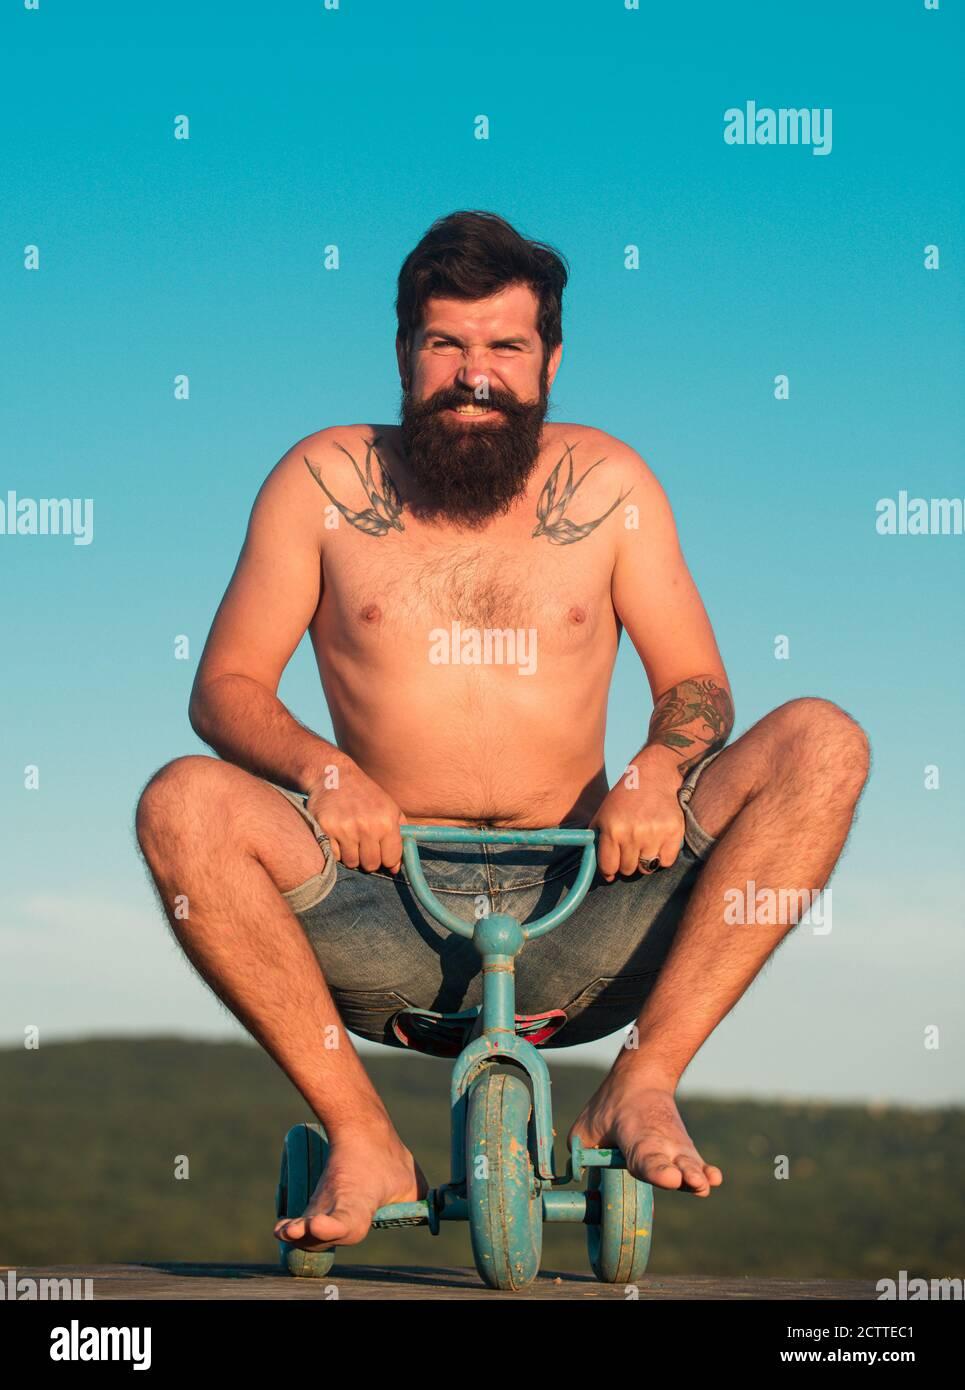 Guy tricycle d'équitation pour enfants. Drôle d'homme sur un vélo. Un homme fou et émotif sur un vélo pour enfants. Banque D'Images